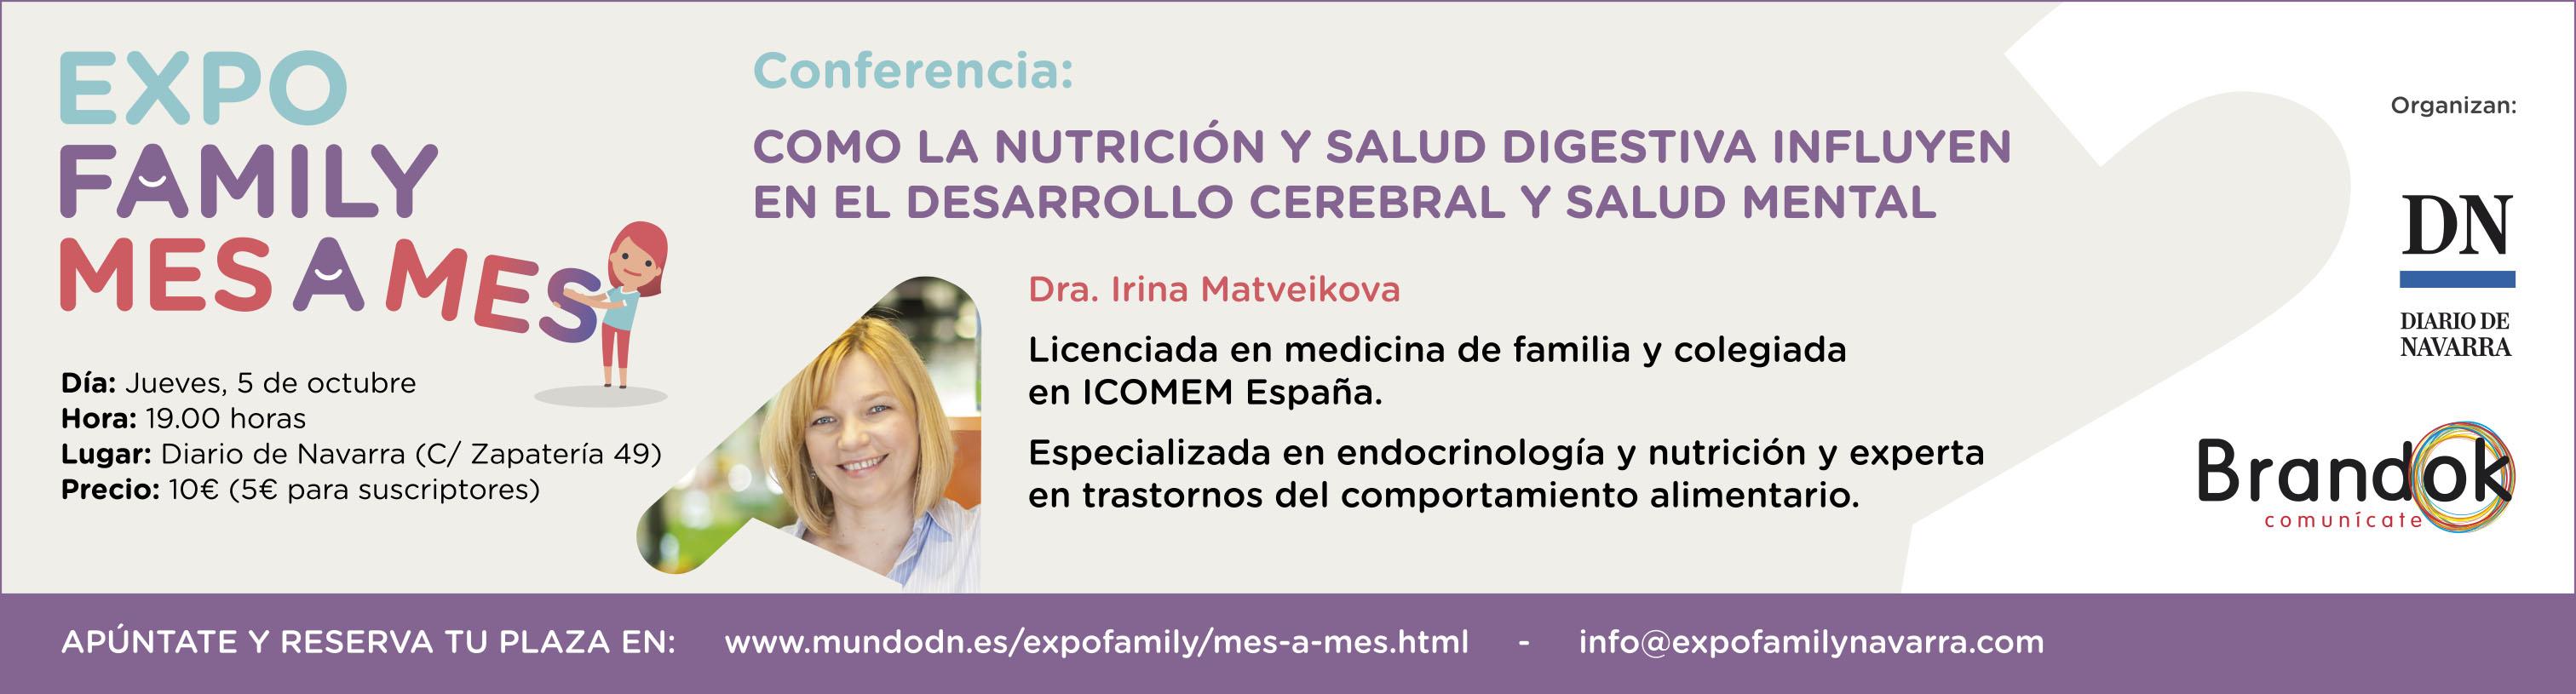 Expofamily Mes a Mes 5X2 IRINA